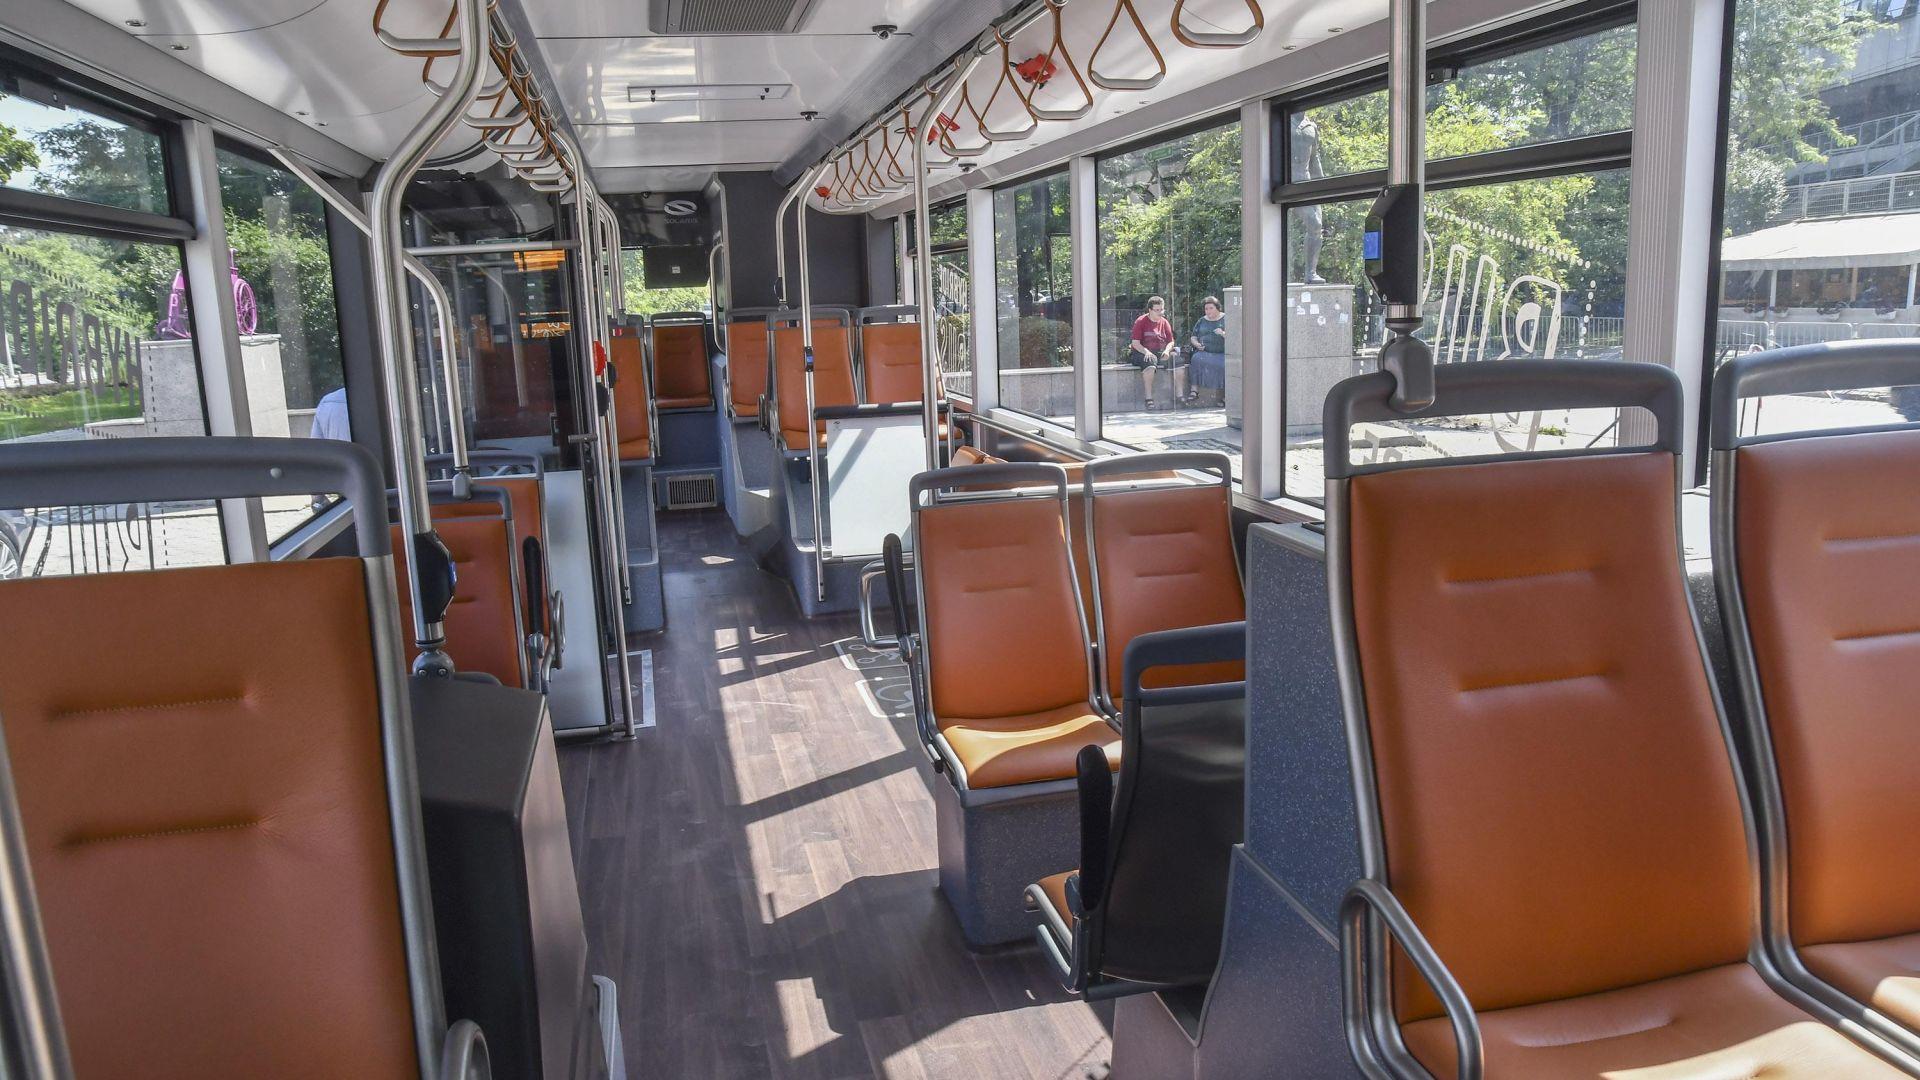 Променени са маршрутите на автобуси № 9 и 75 в София